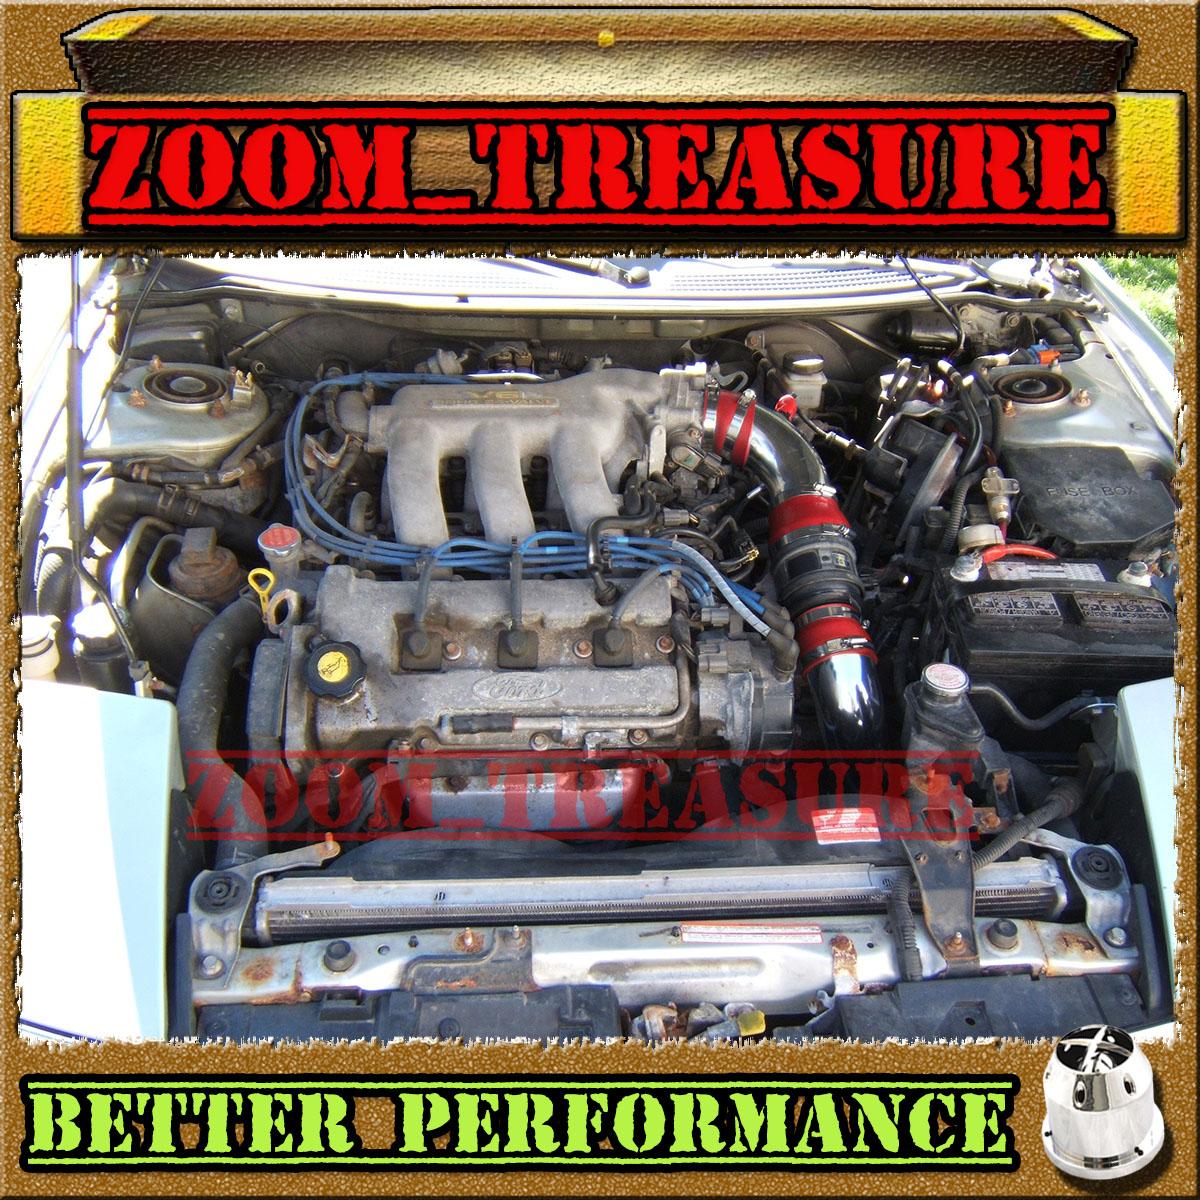 RED 93 94 95 96 97 FORD PROBE GT//MAZDA MX6//626 2.5 2.5L V6 COLD AIR INTAKE KIT